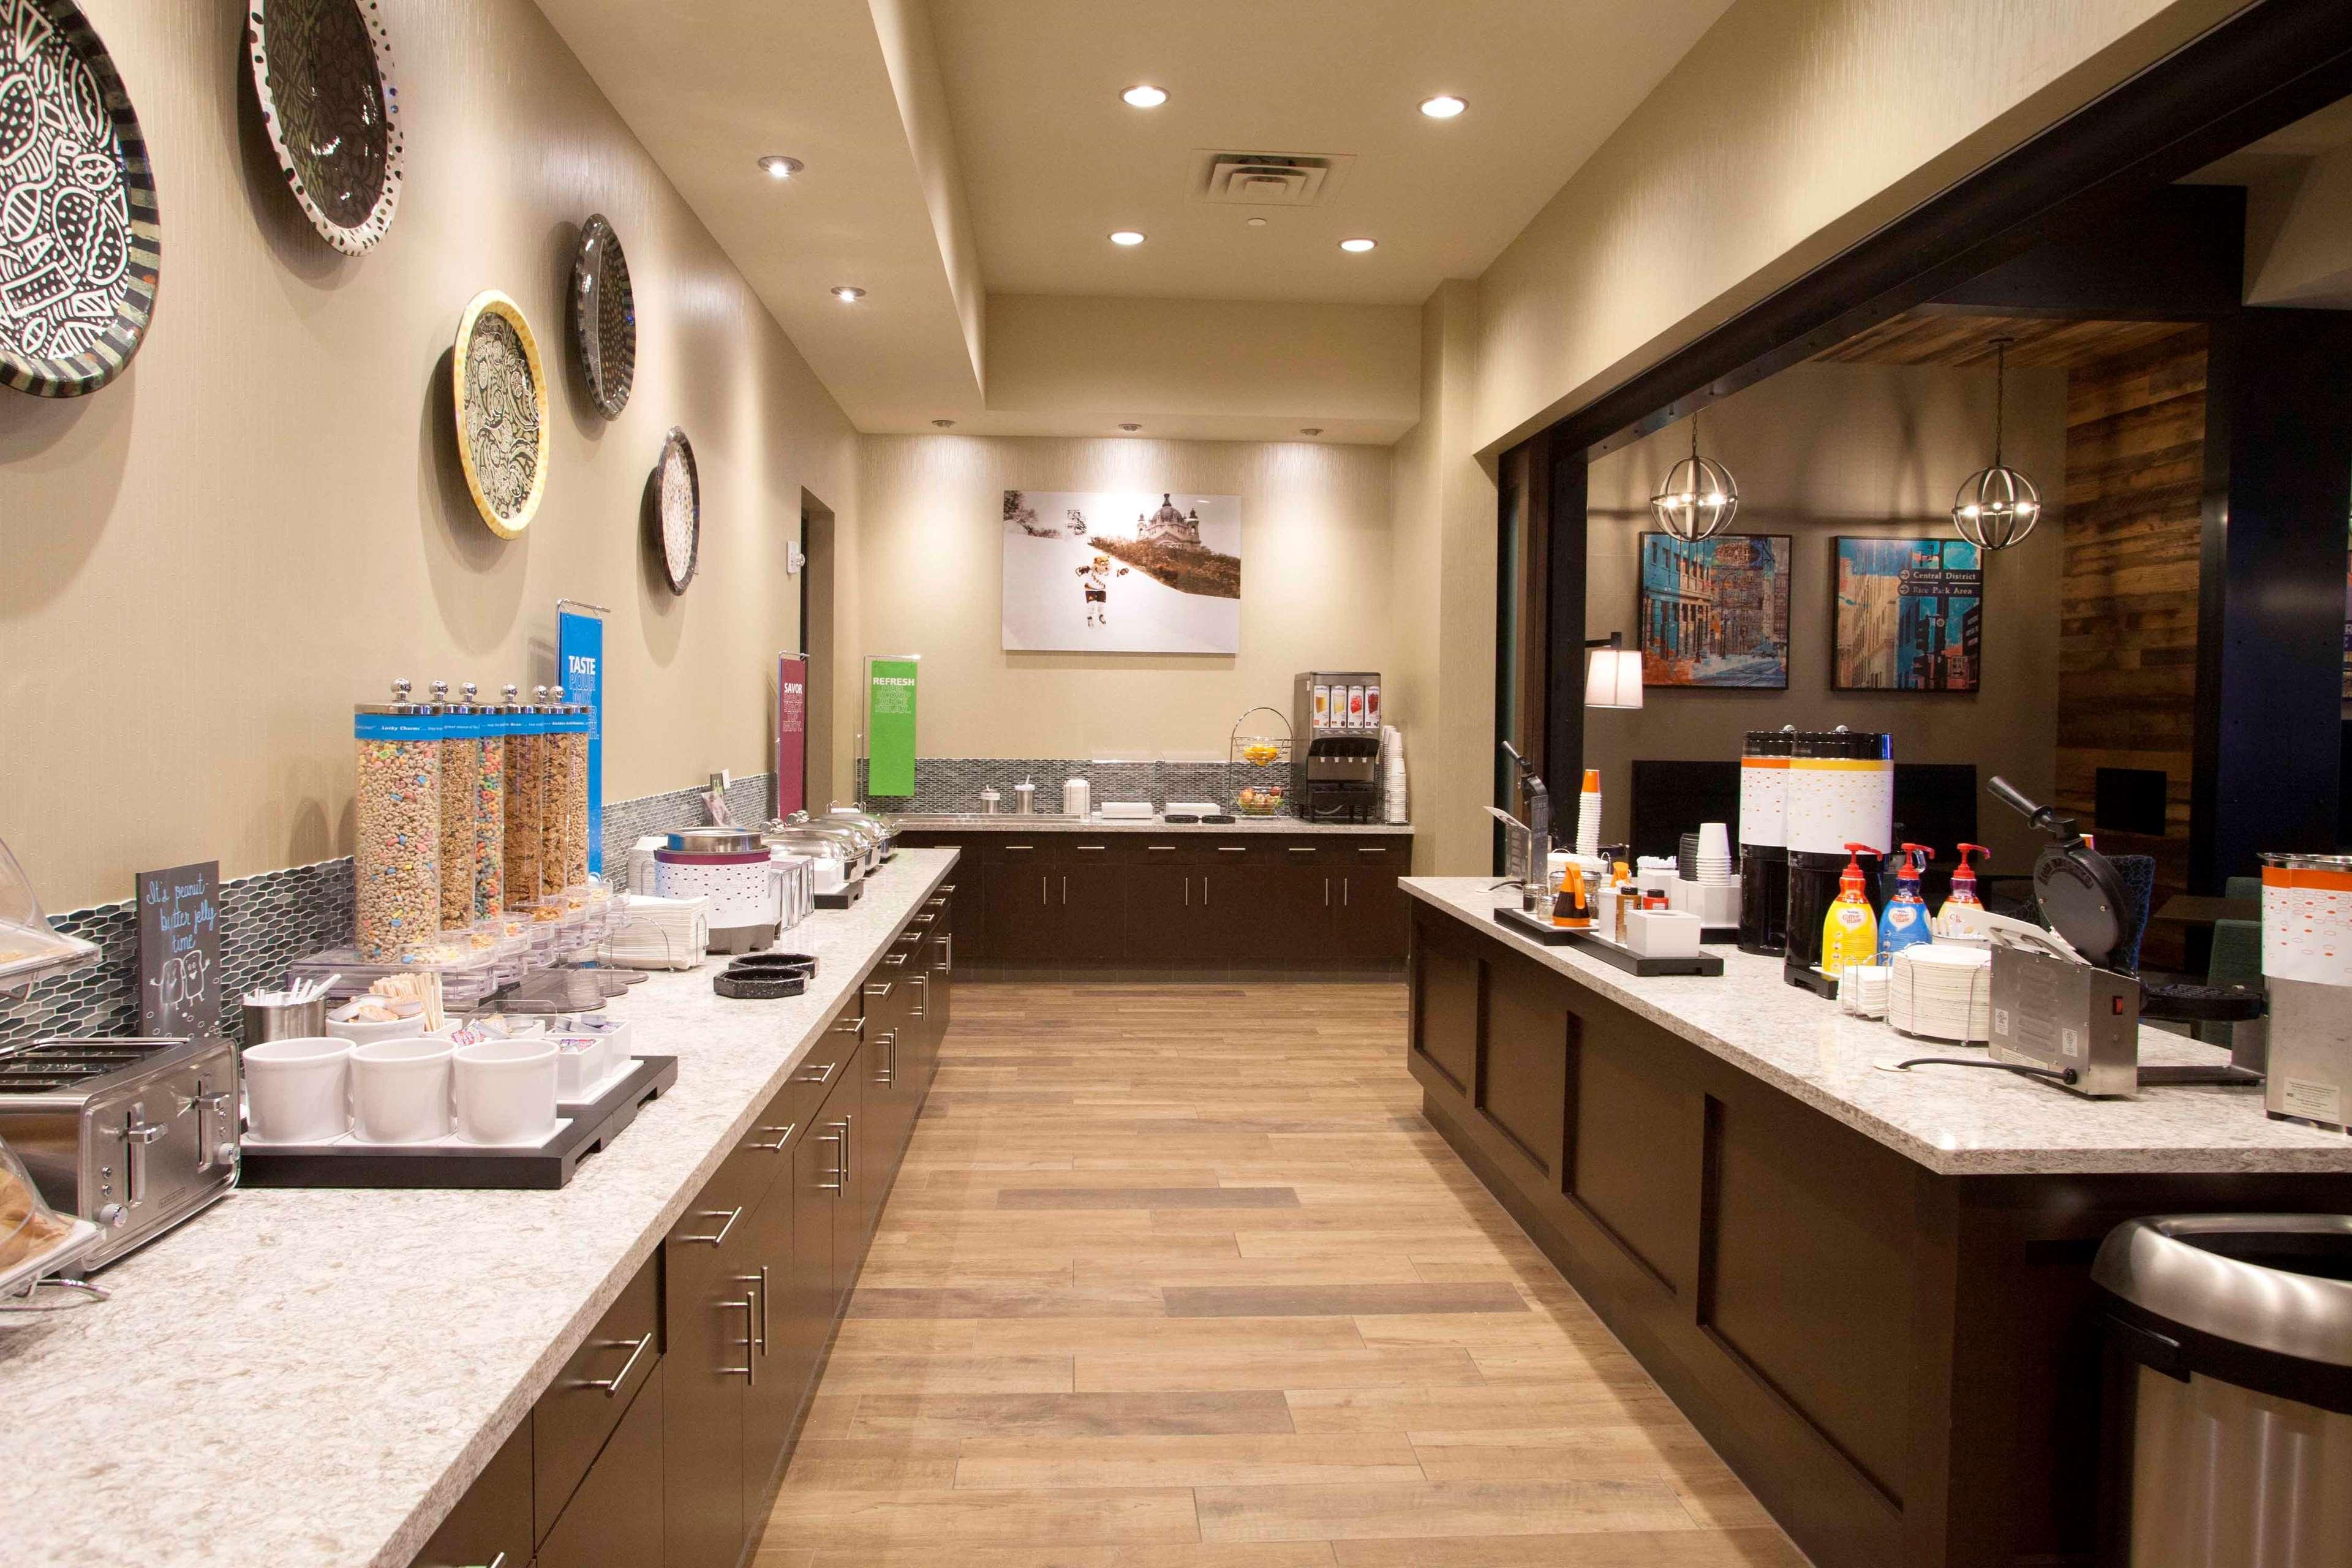 Hampton Inn & Suites Downtown St. Paul image 14